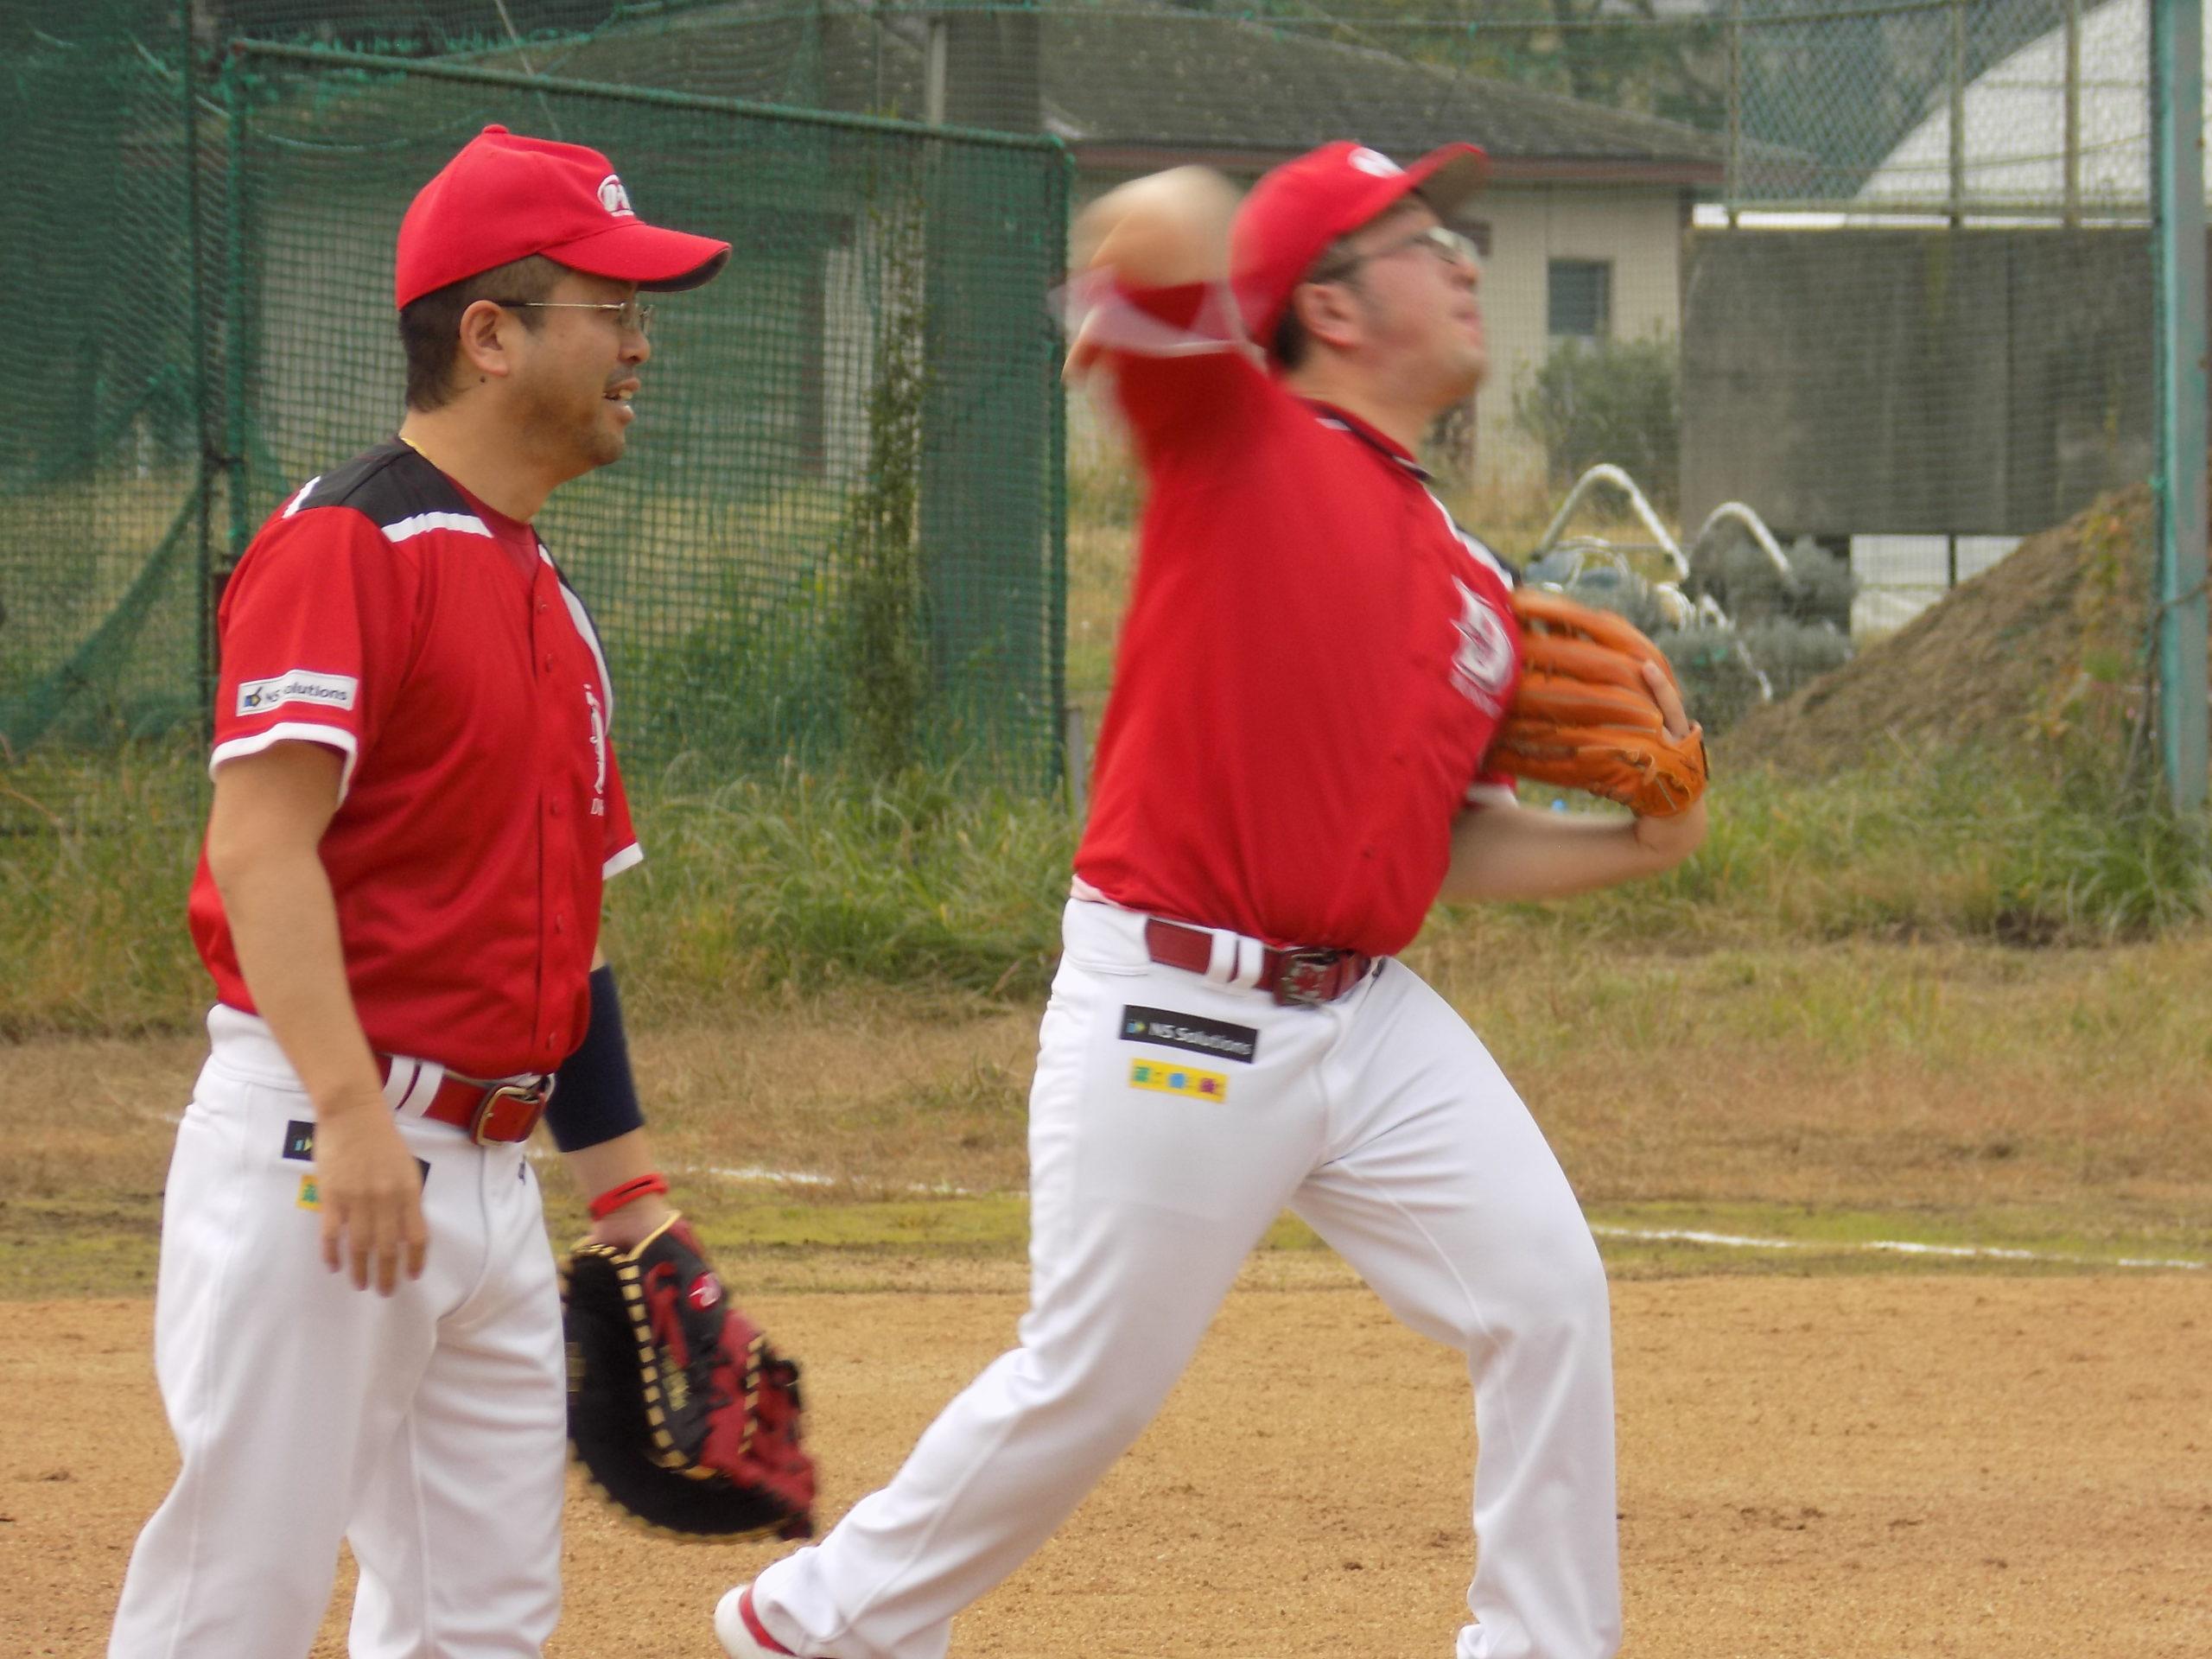 三浦敏朗投手の投球フォーム